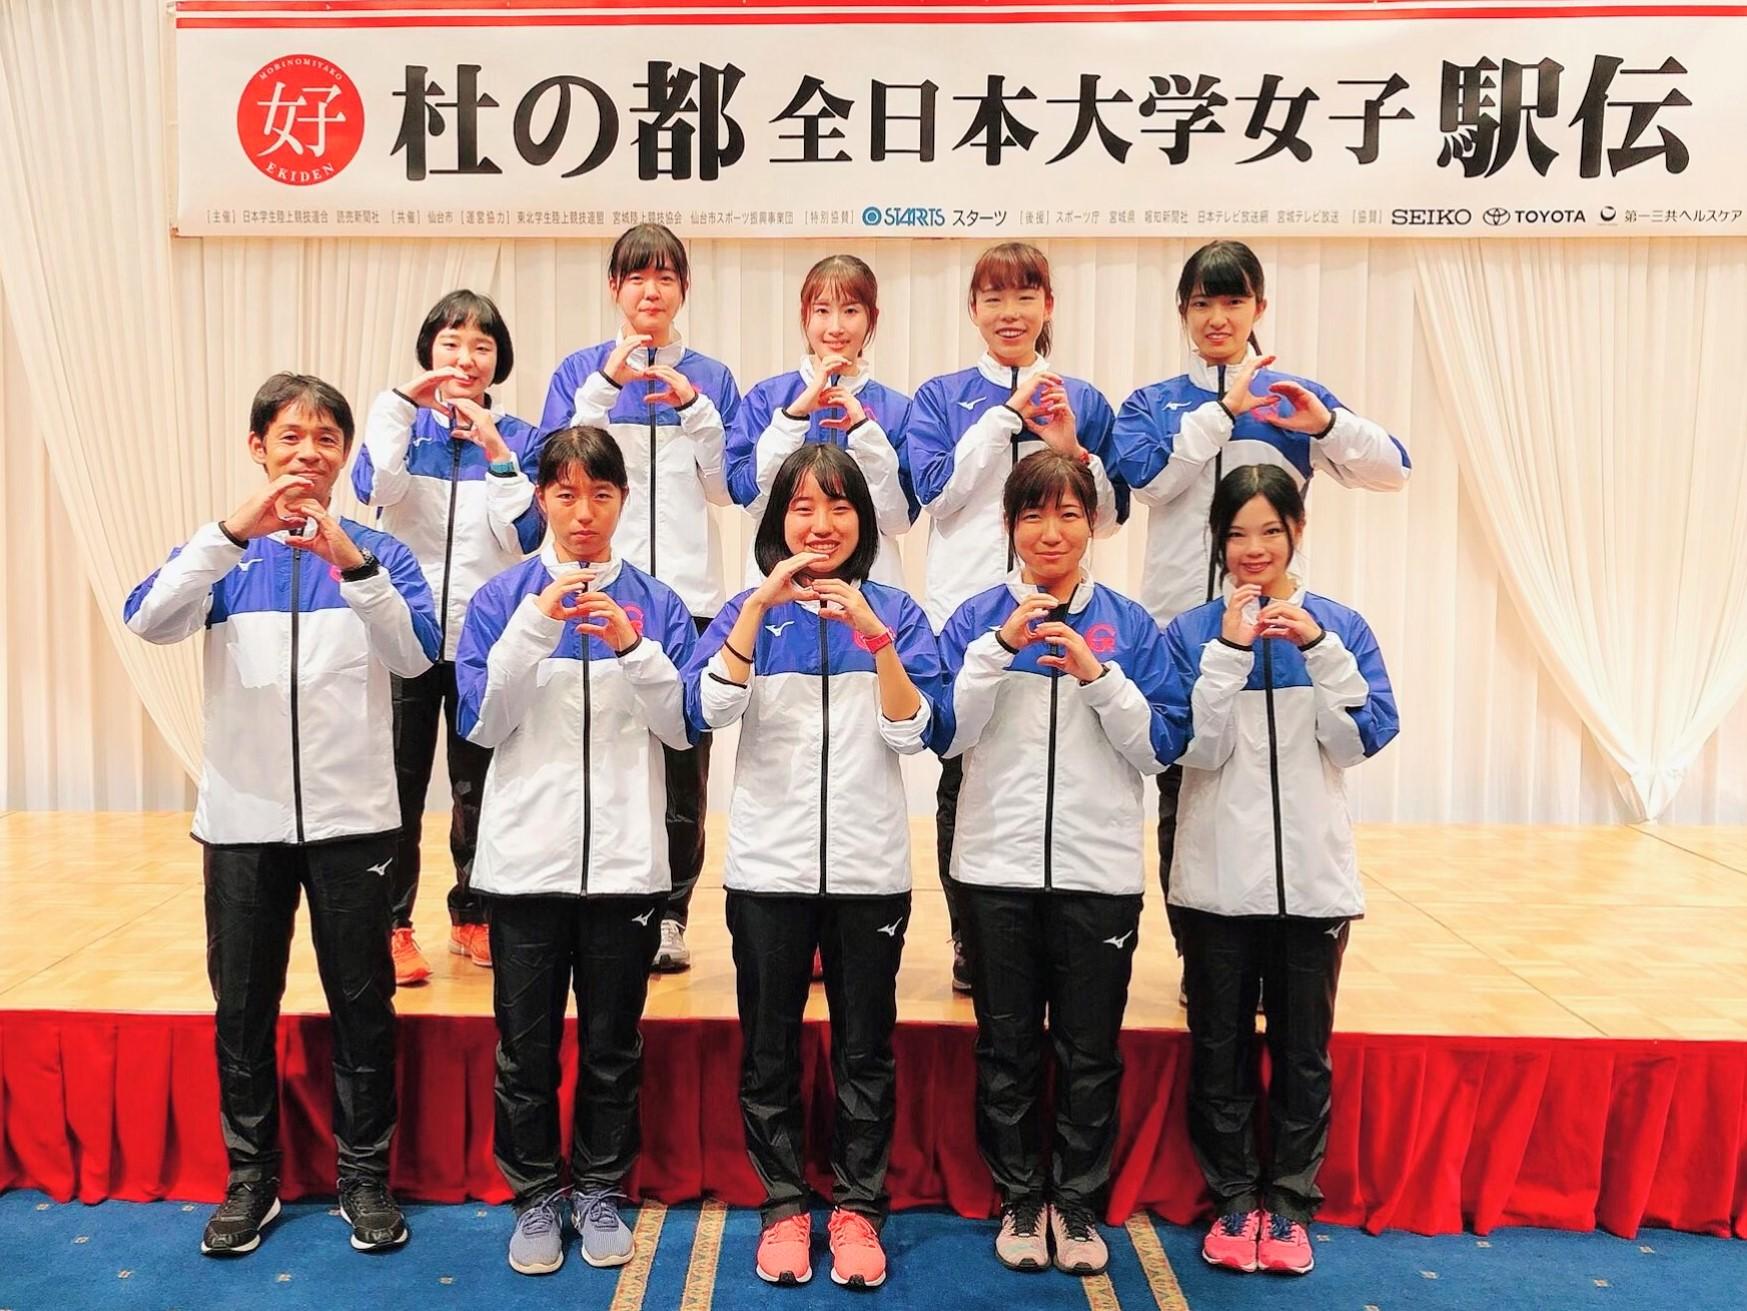 杜の都全日本大学女子駅伝のメンバーと